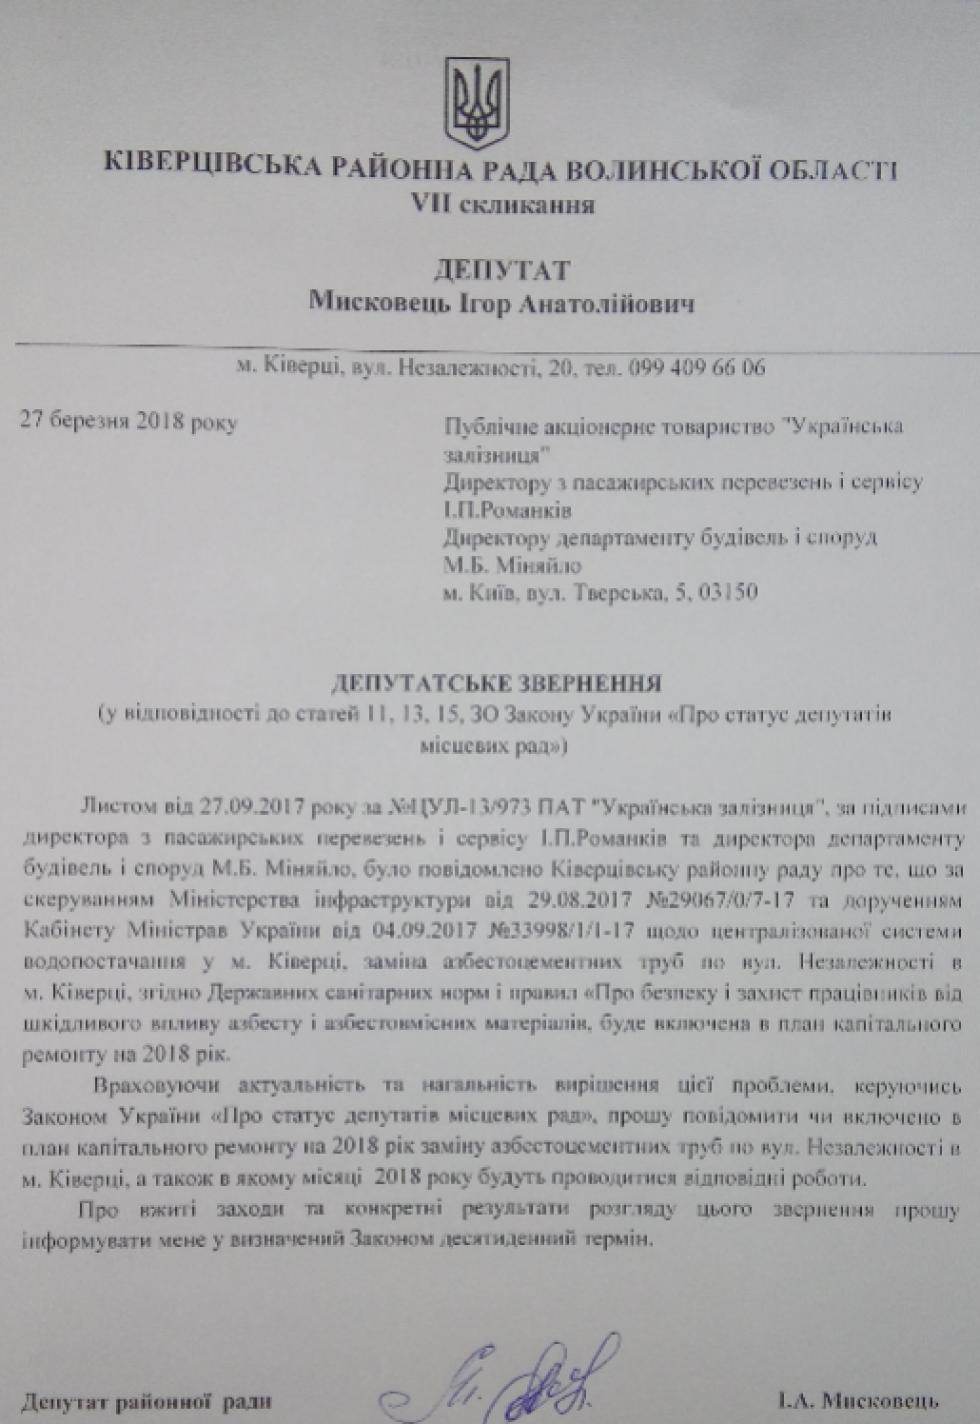 Депутатське звернення Ігоря Мисковця